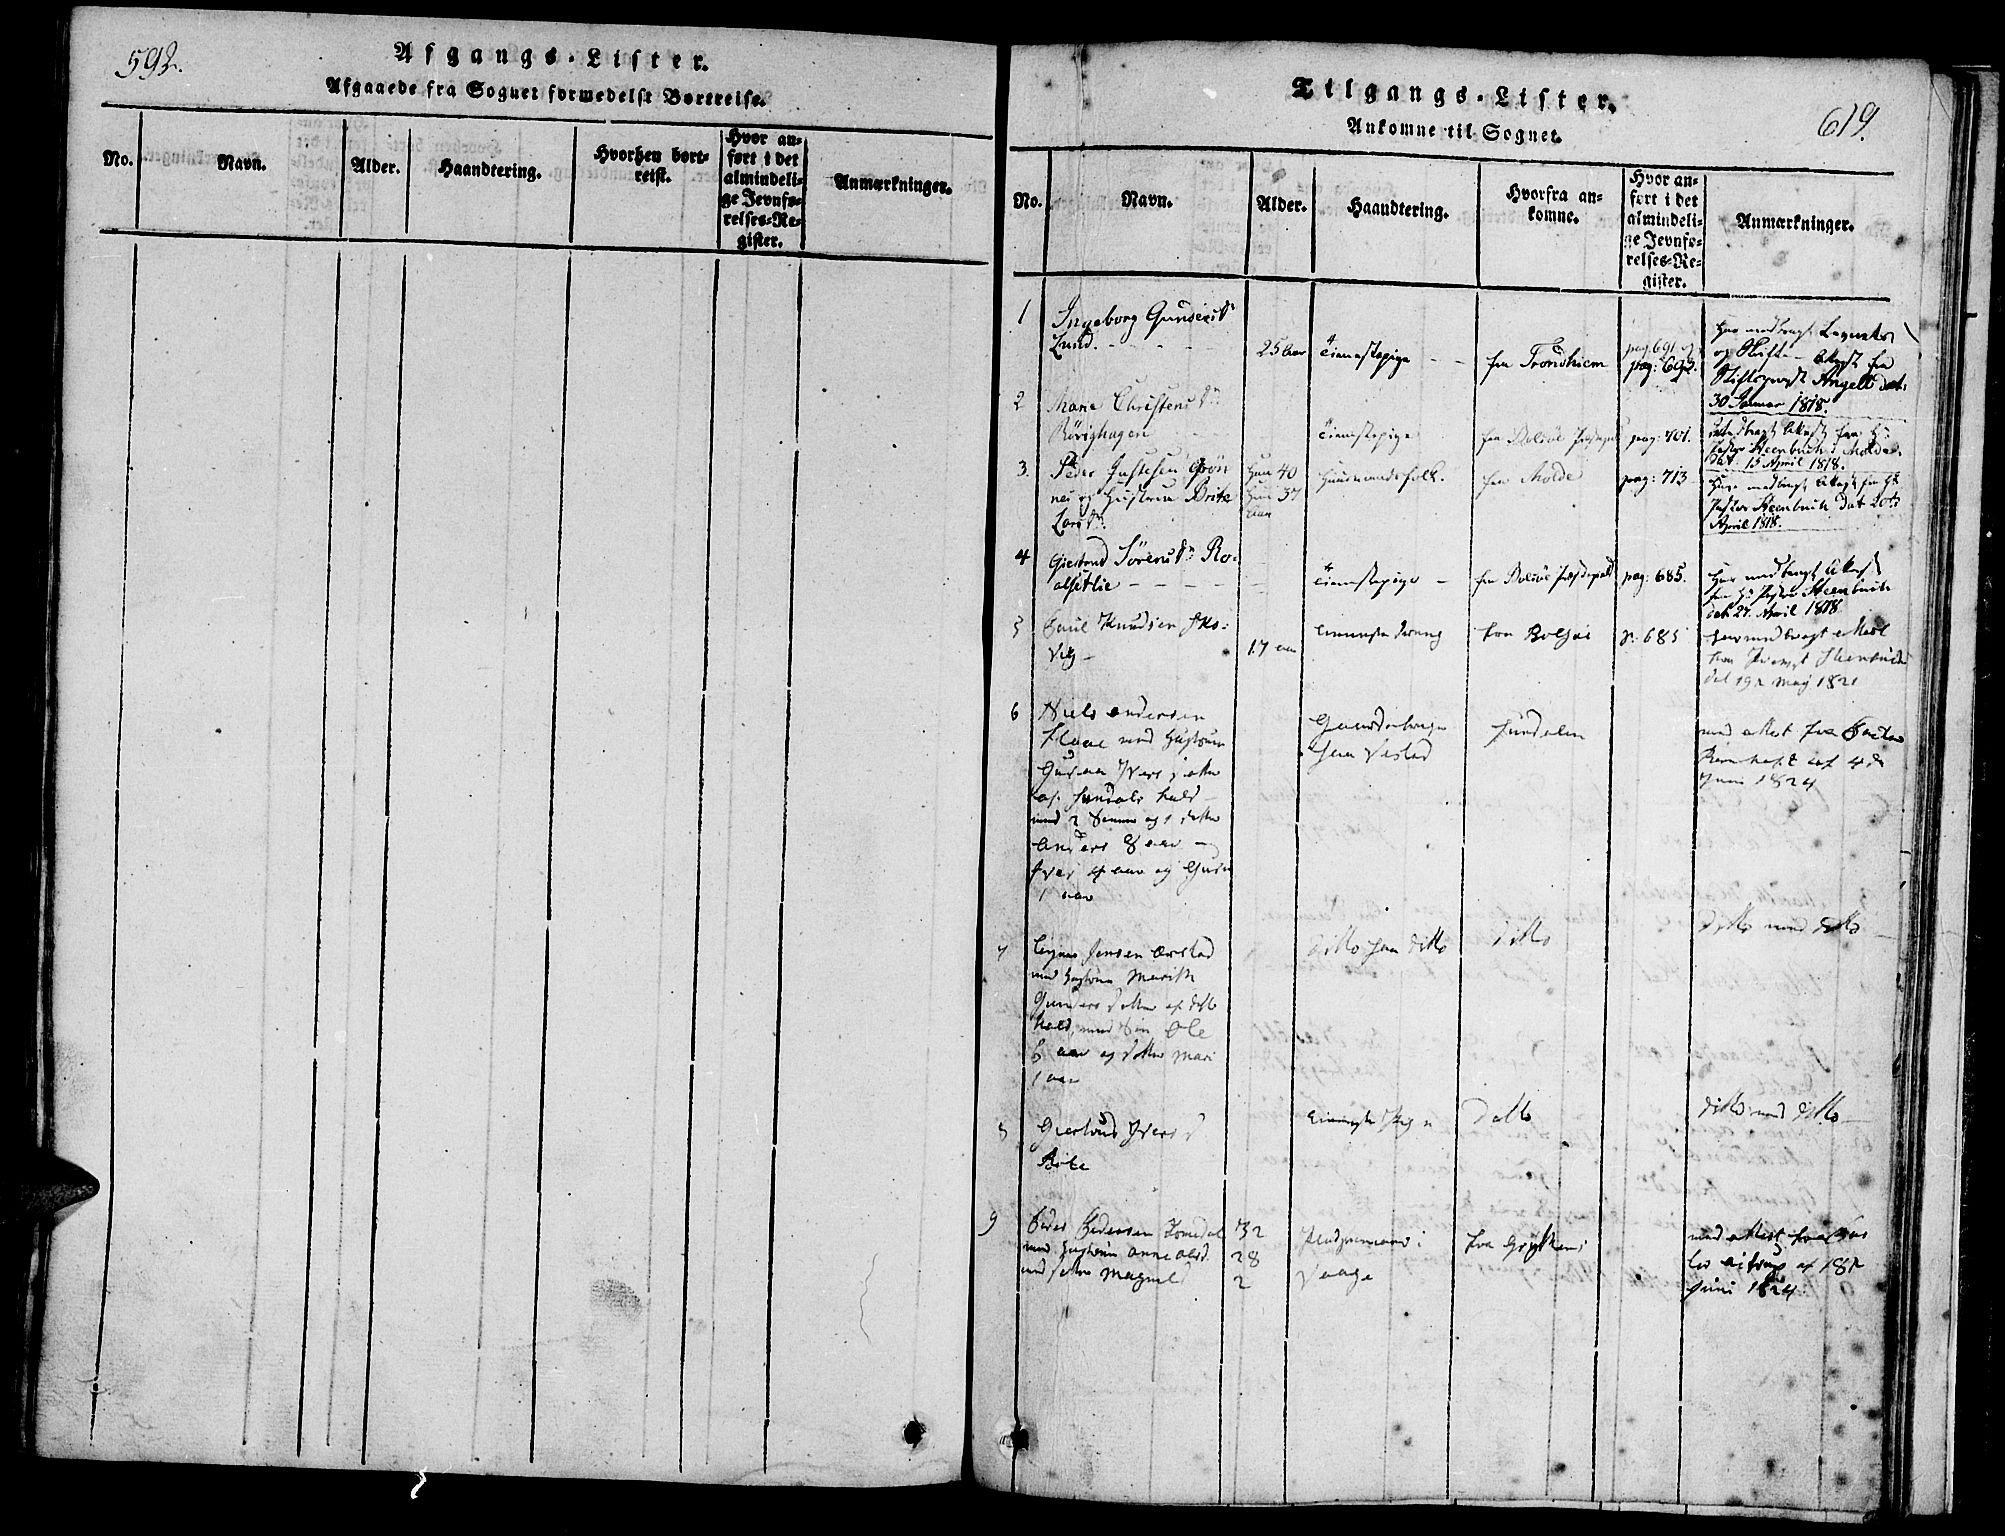 SAT, Ministerialprotokoller, klokkerbøker og fødselsregistre - Møre og Romsdal, 547/L0602: Ministerialbok nr. 547A04, 1818-1845, s. 618-619